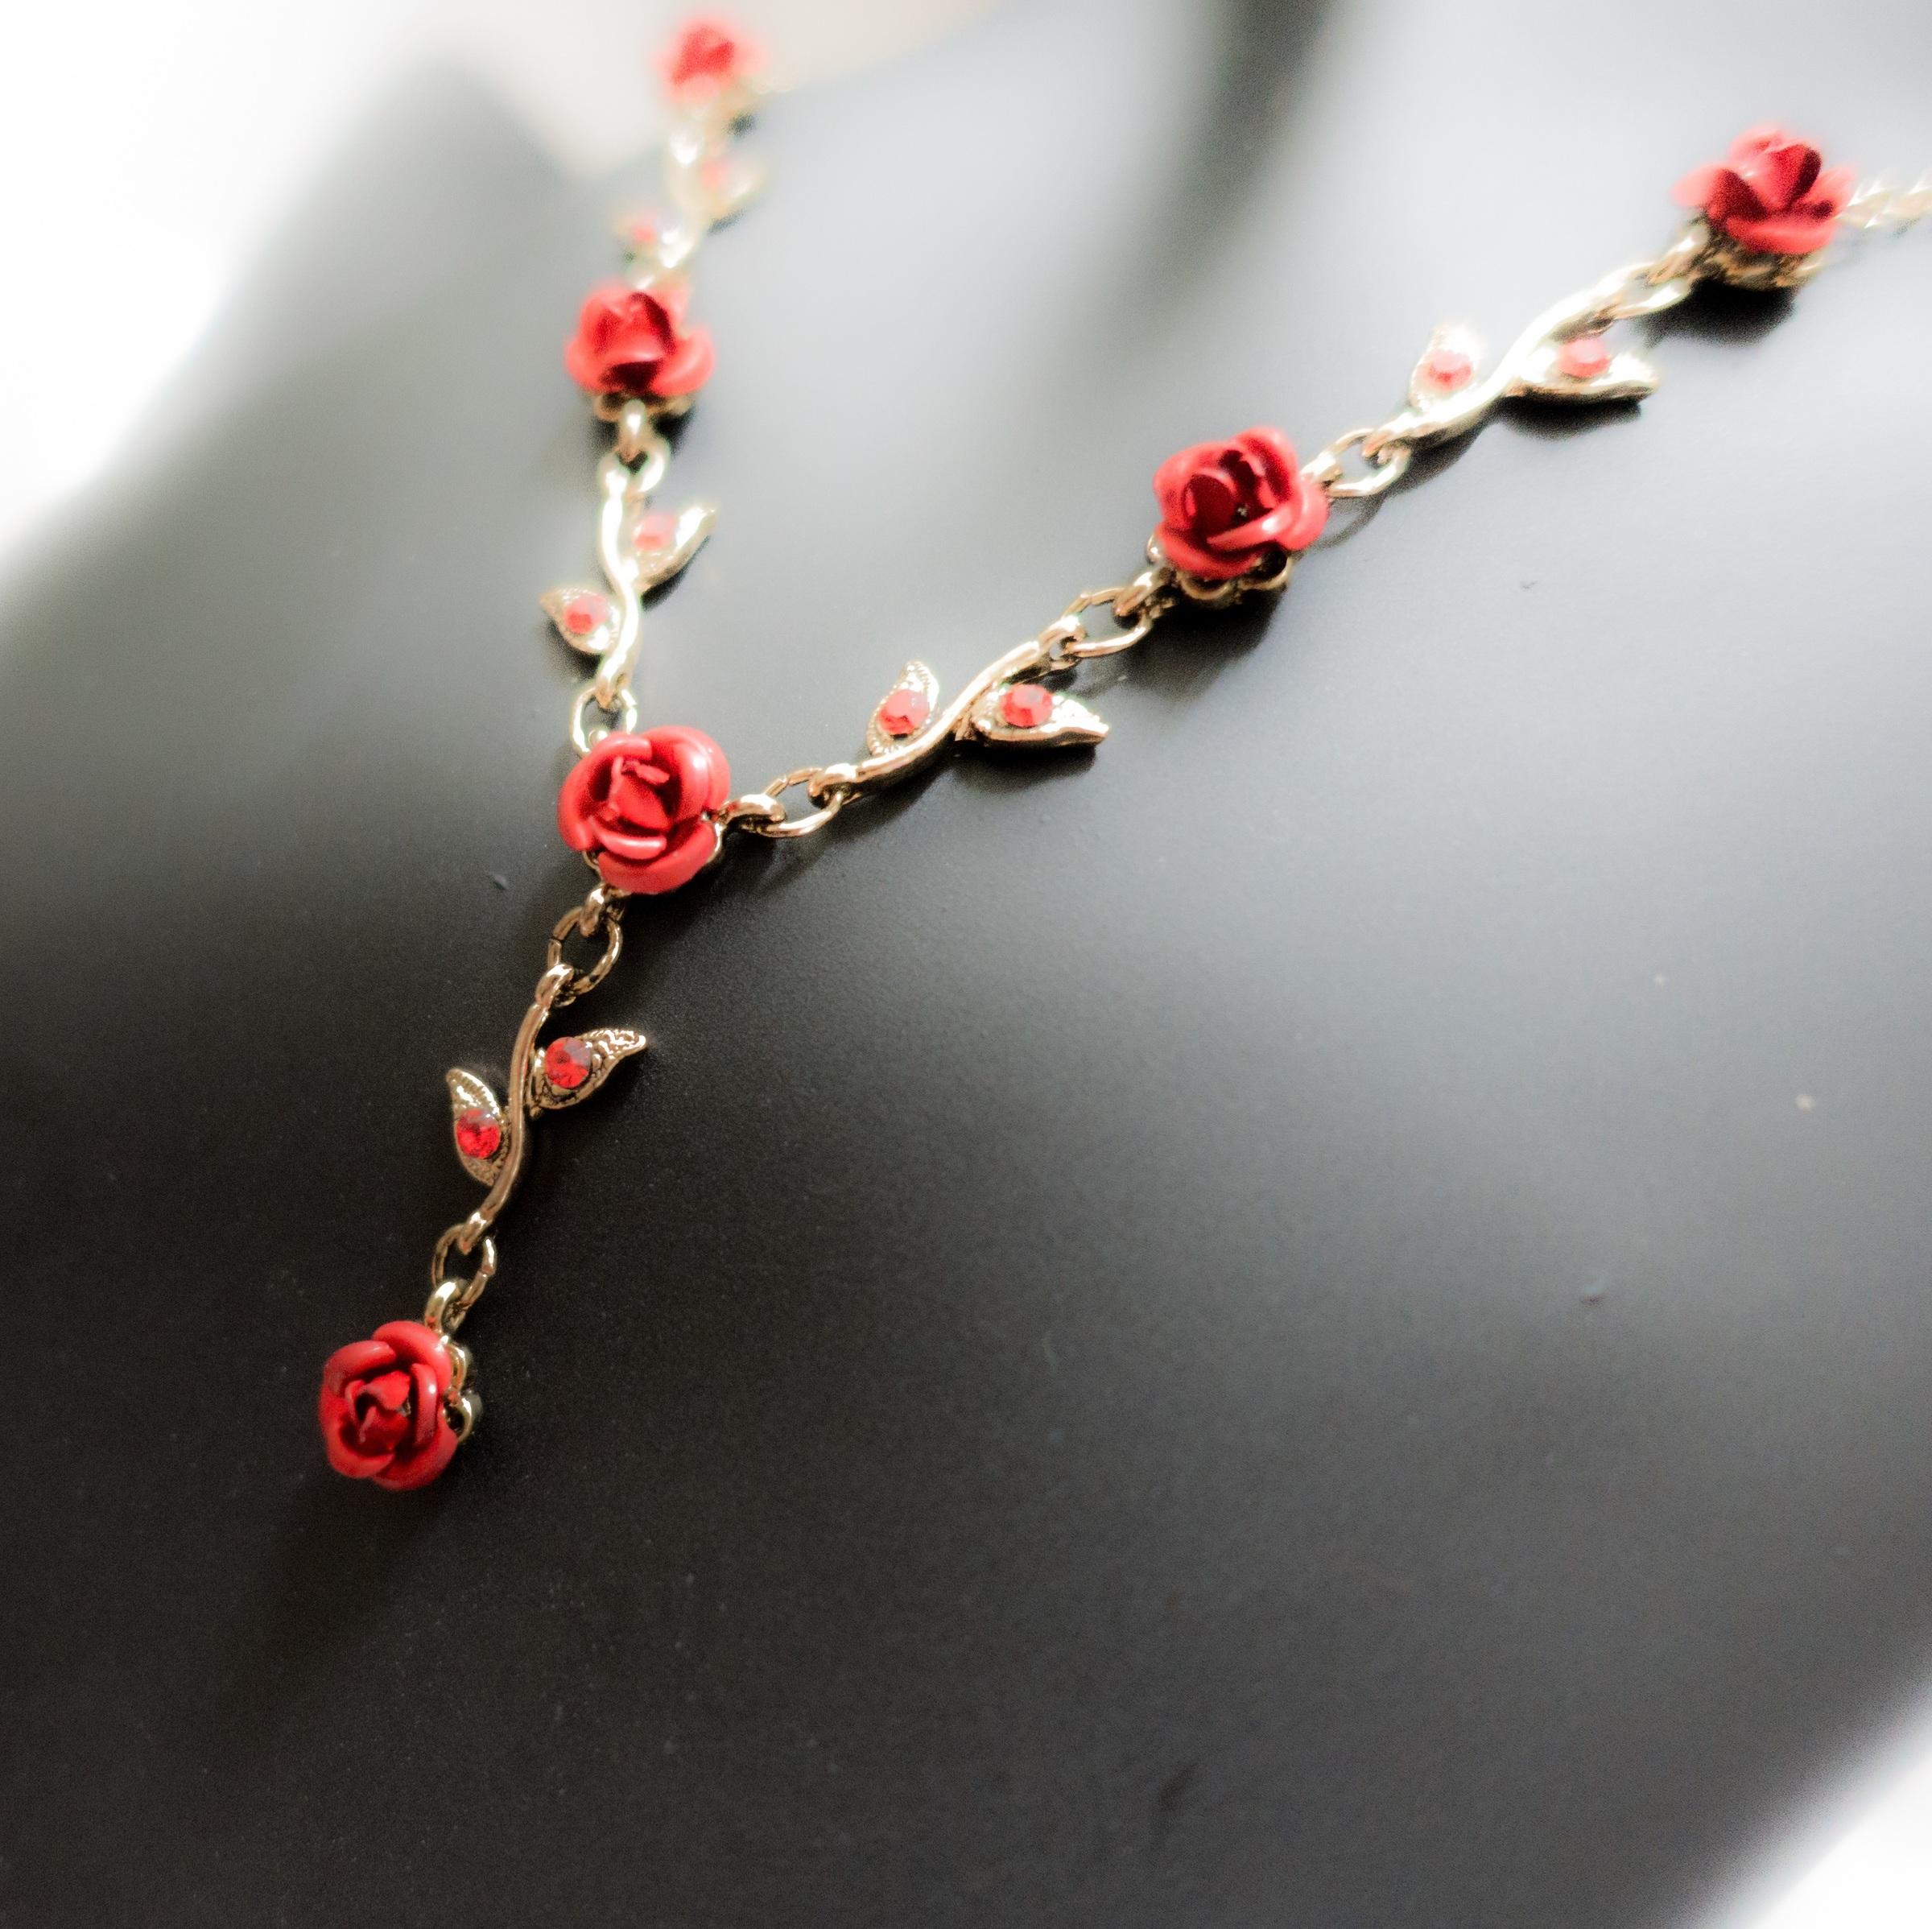 紅玫瑰1.jpg